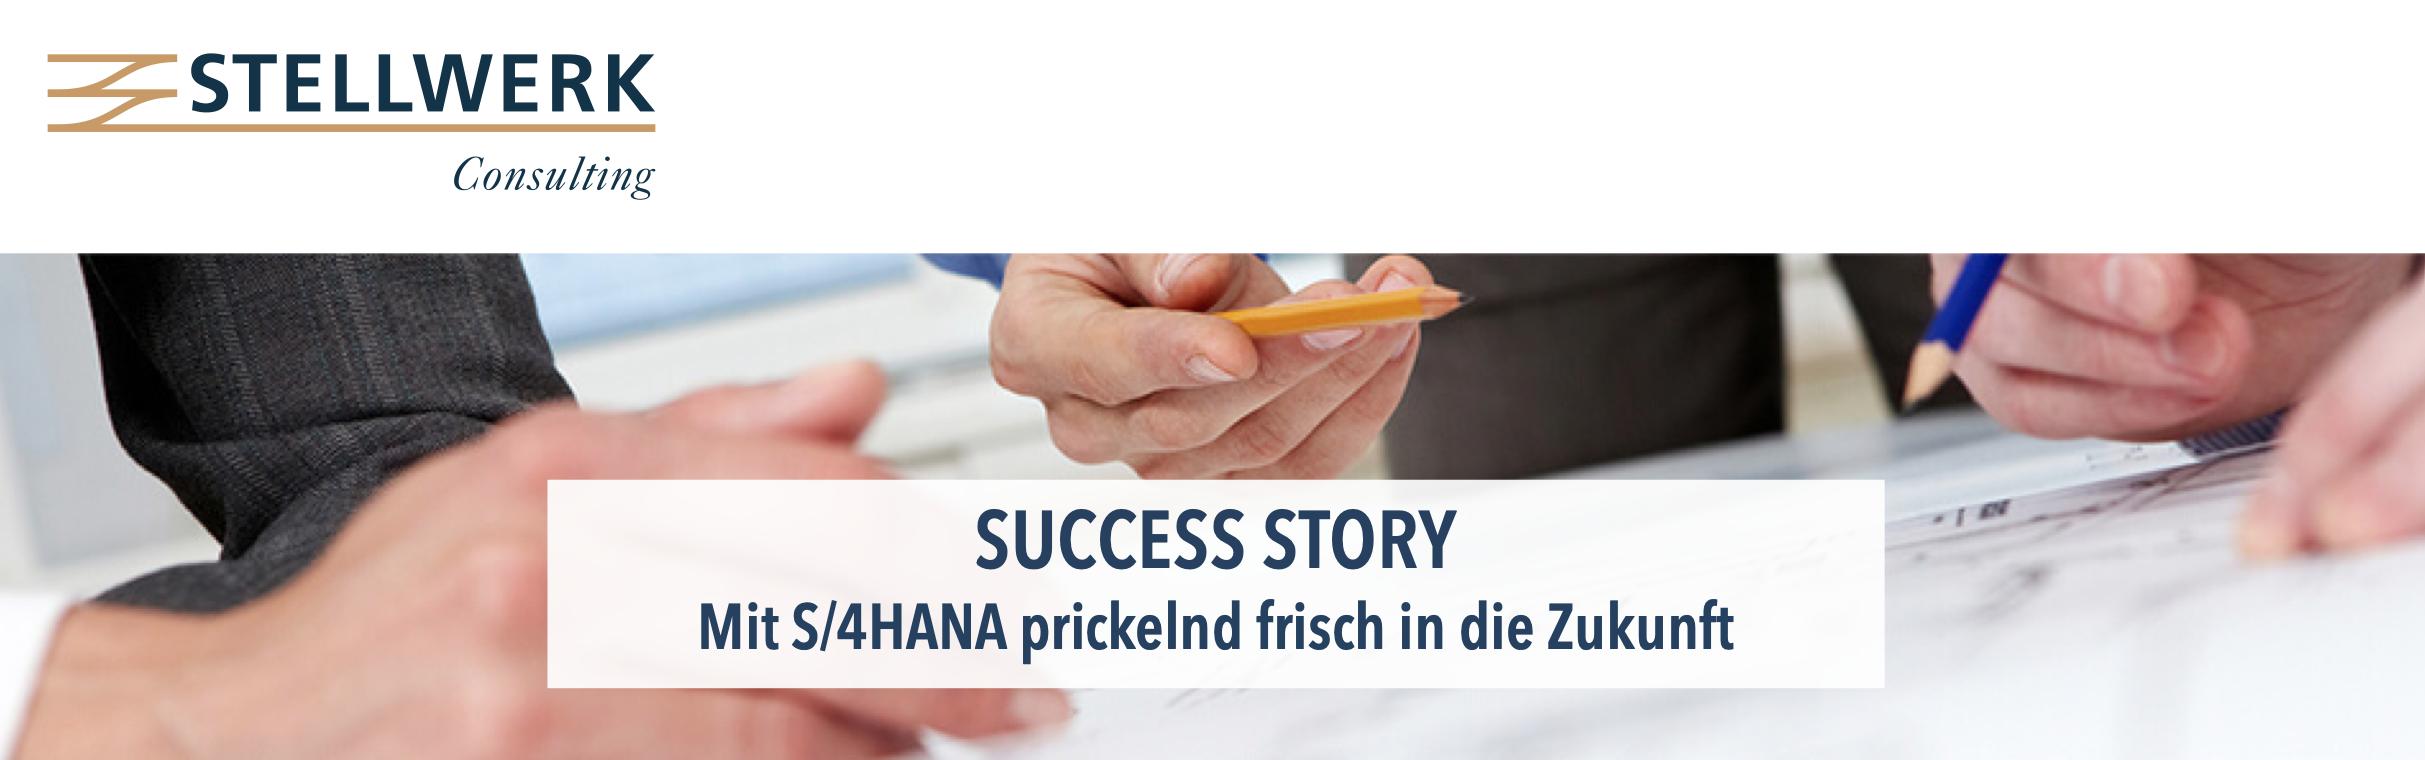 Success Story: Mit S4/HANA prickelnd frisch in die Zukunft